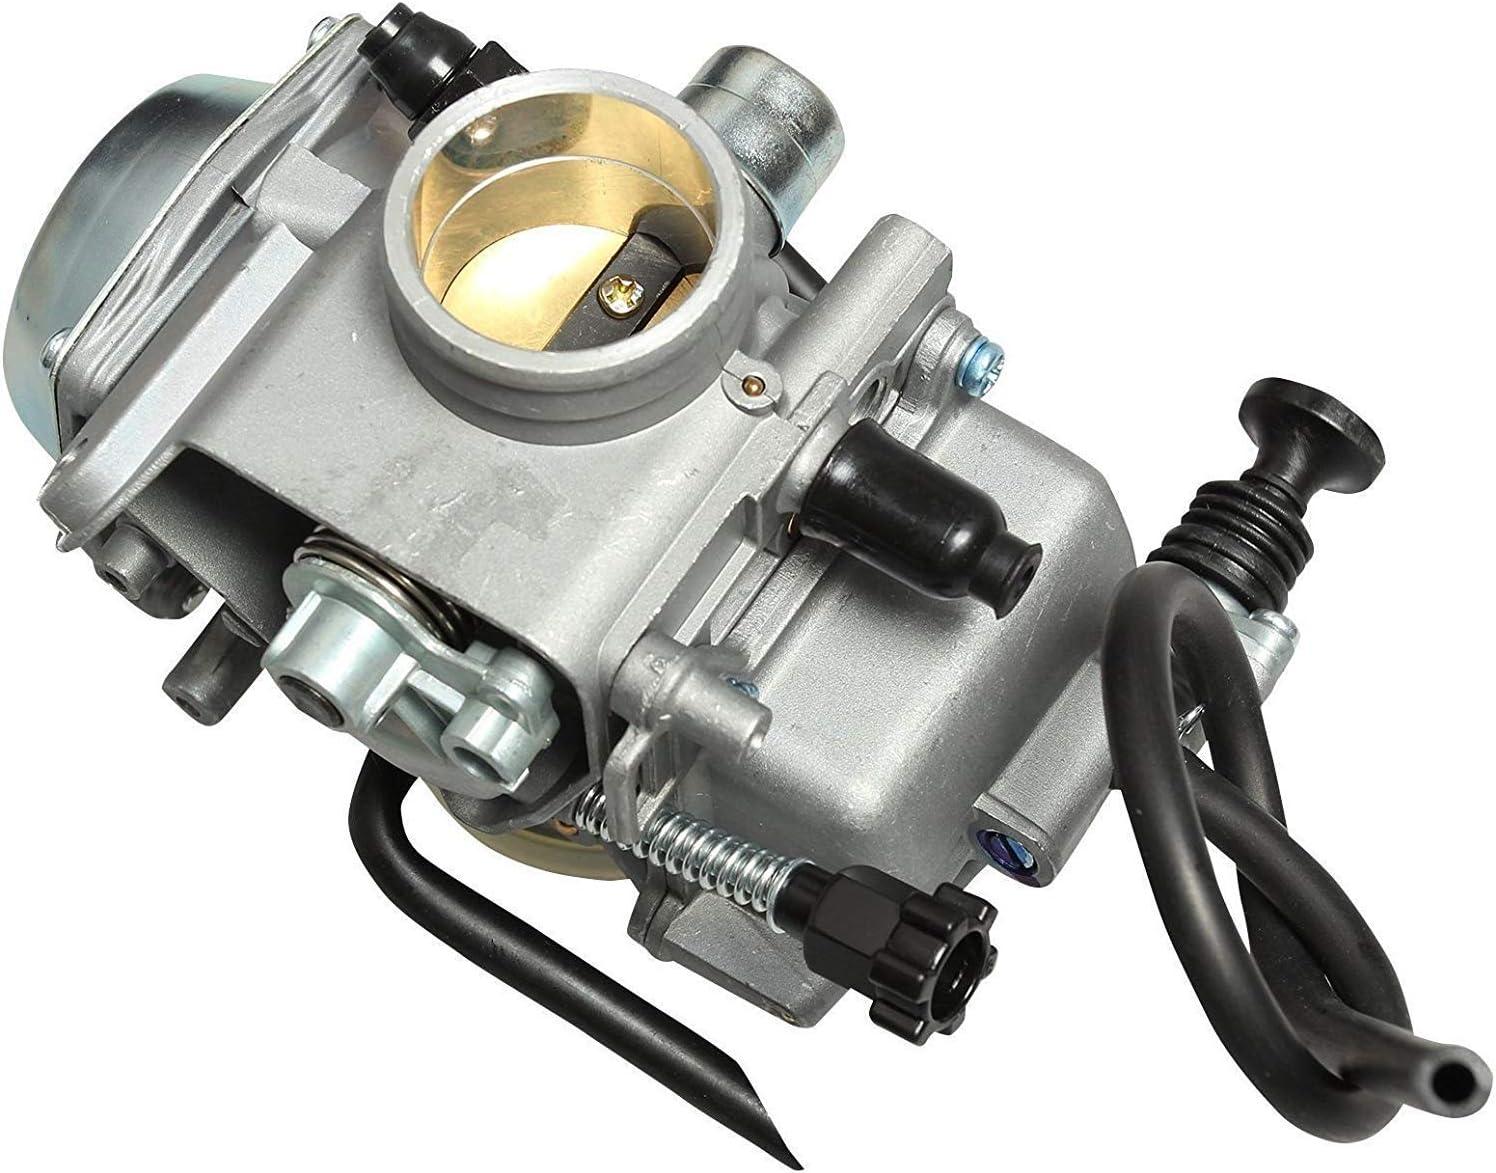 Brand New Carburetor Fits 1985 1986 1987 Honda TRX 250 TRX250 FOURTRAX ATV Carb 85-87